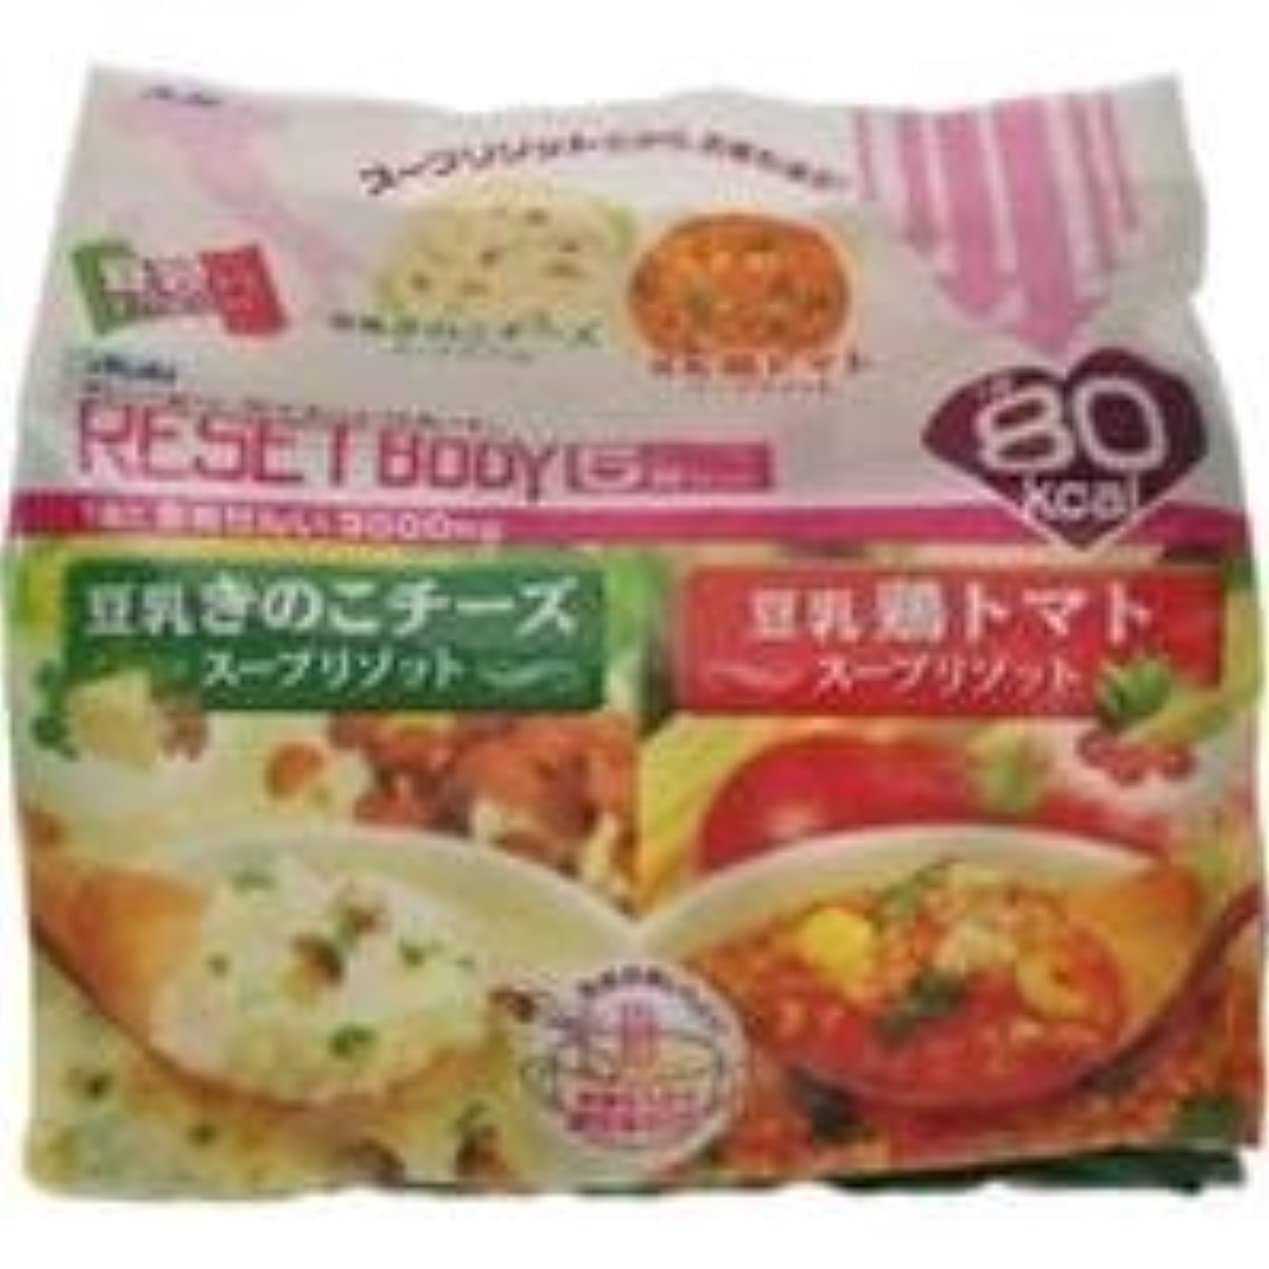 寝る手当裏切りリセットボディ リセットボディ 豆乳きのこチーズ&鶏トマトスープリゾット 5食 きのこ3食+???2食 1袋